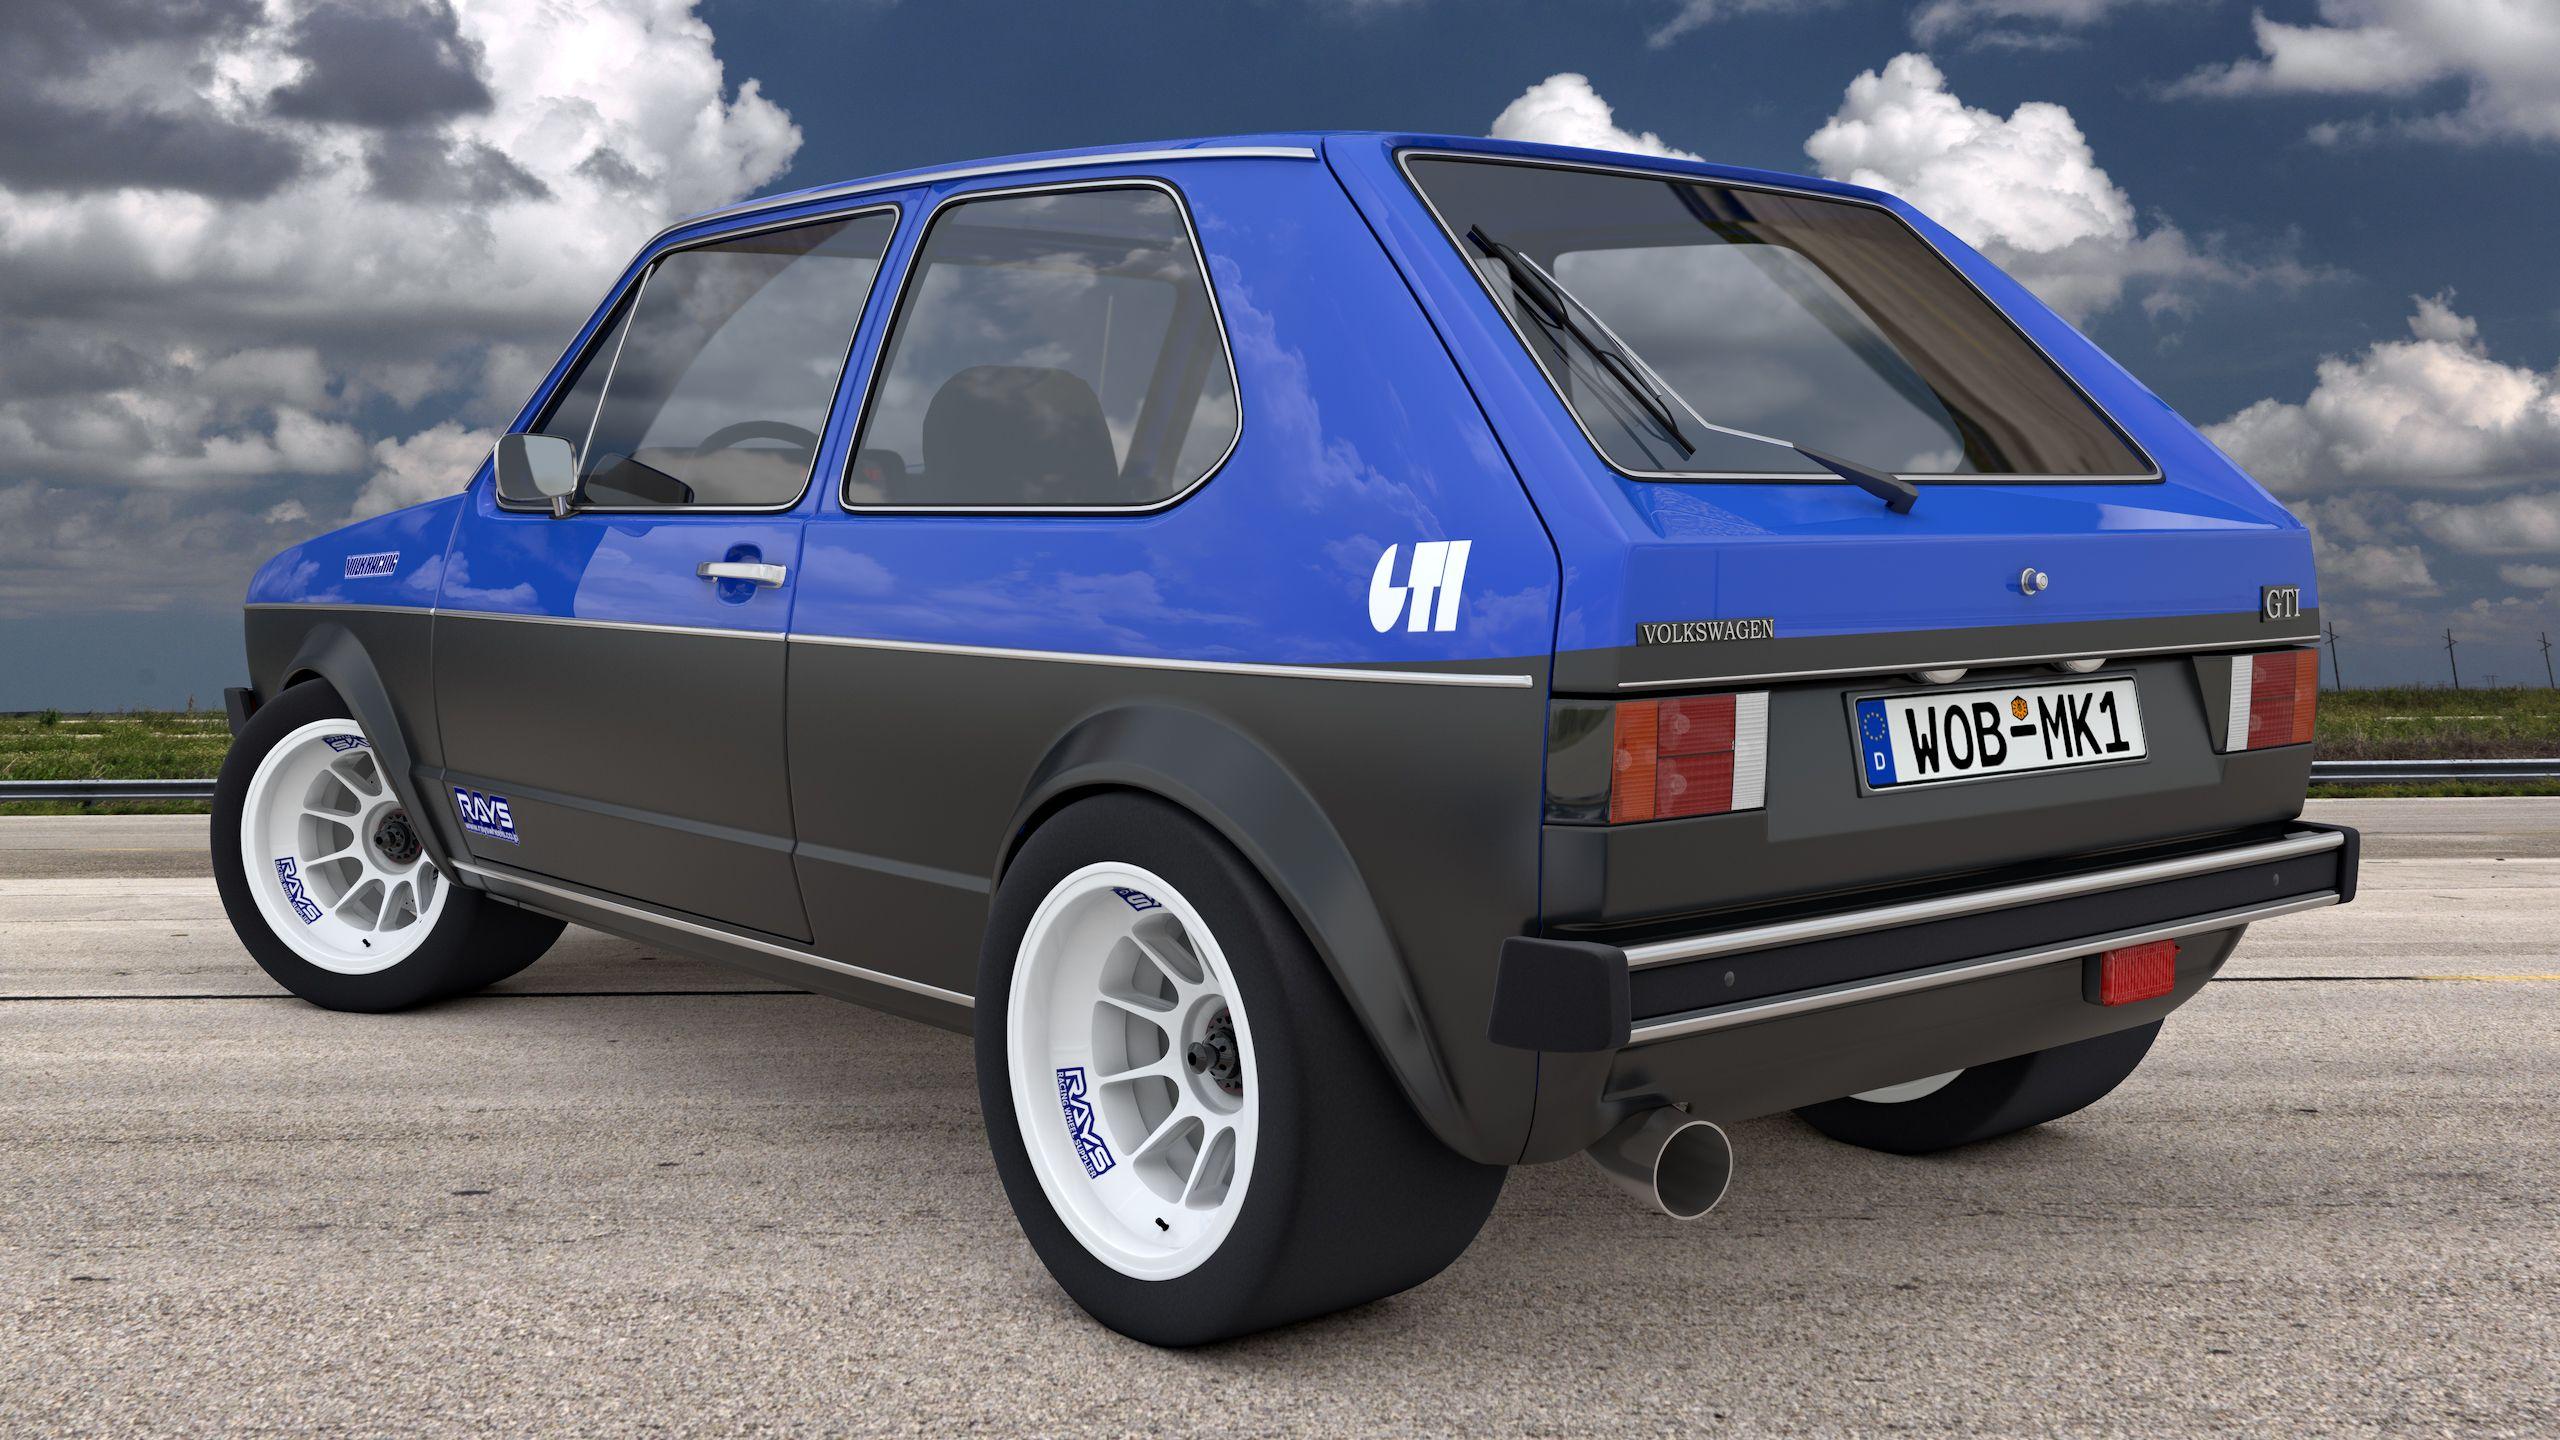 1982 Vw Golf Mk1 Gti Vw Golf Gti Mk1